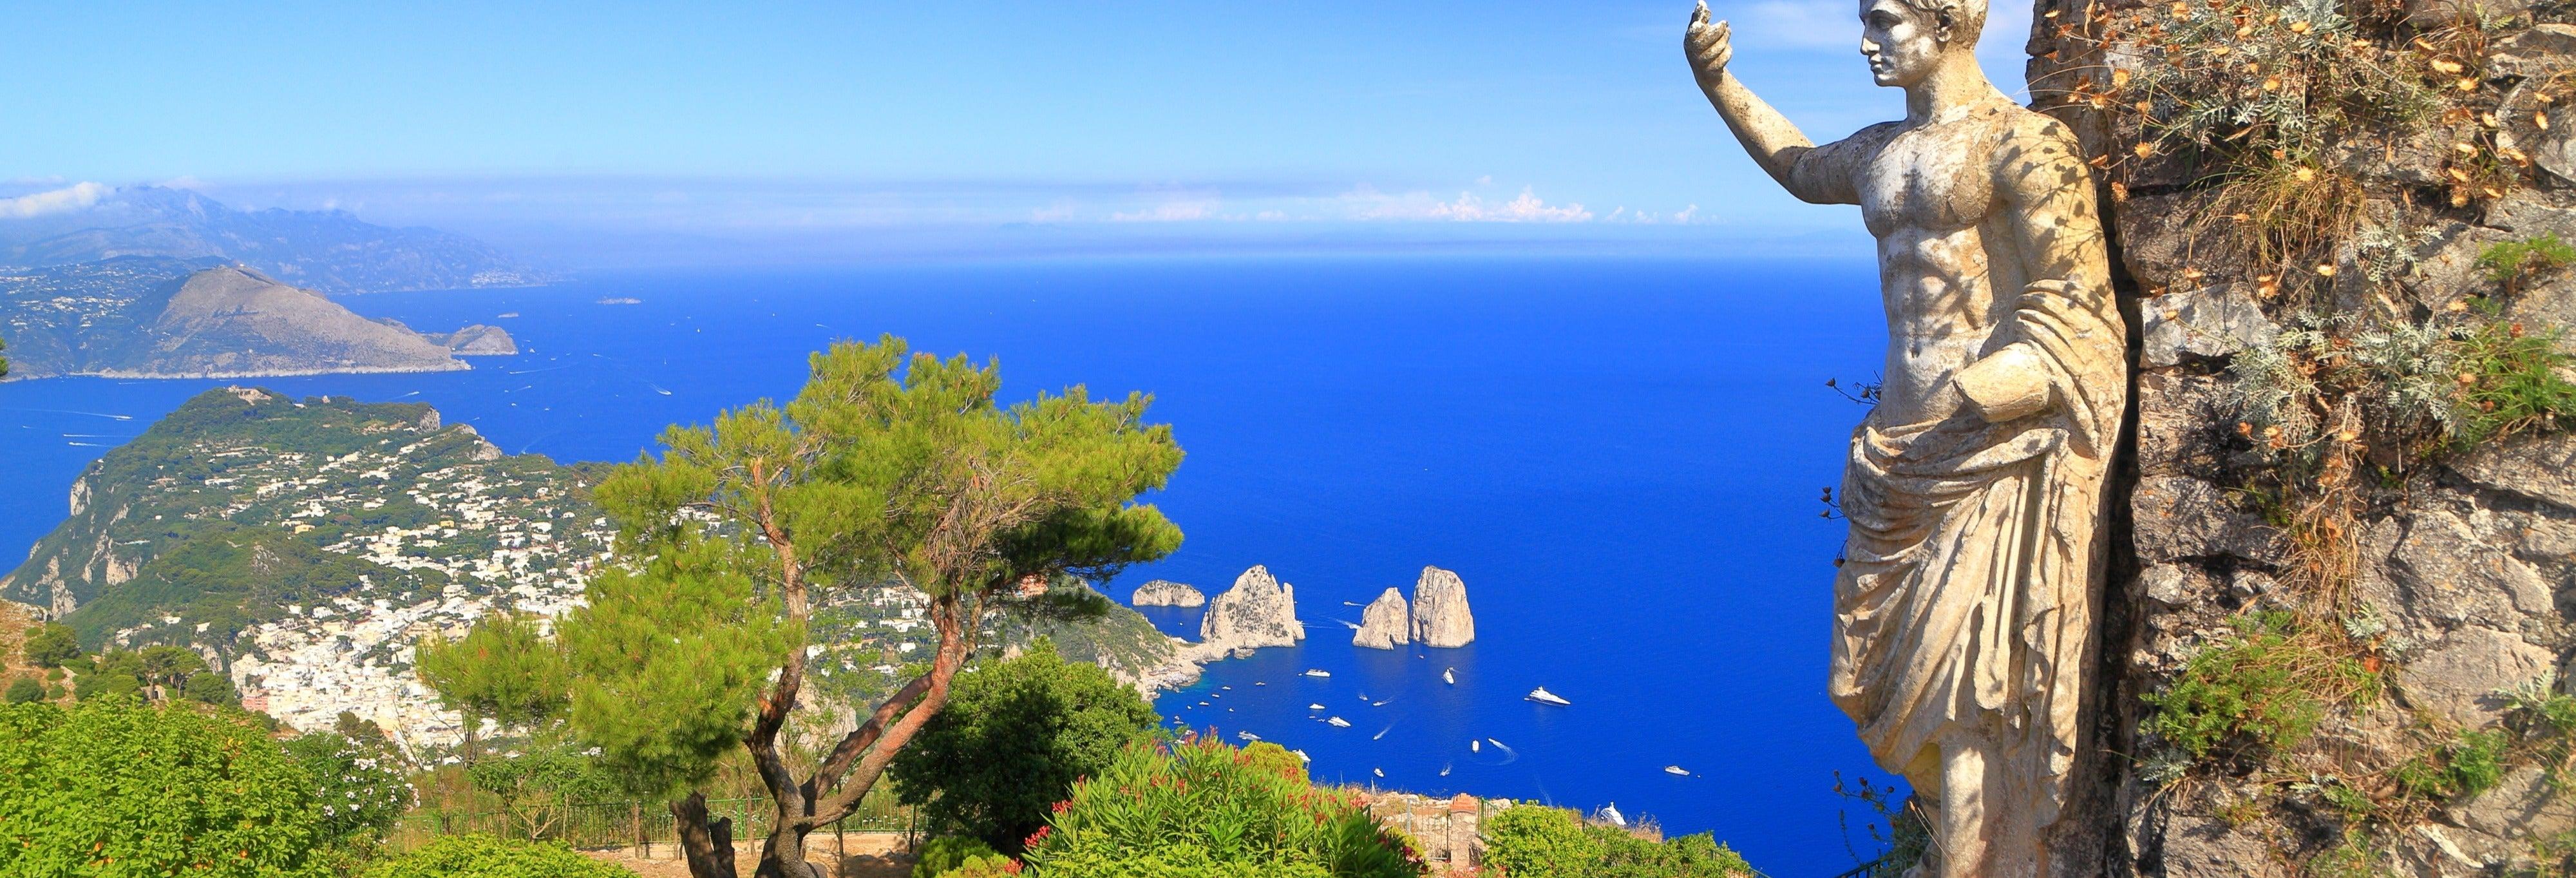 Excursión a Capri y Sorrento